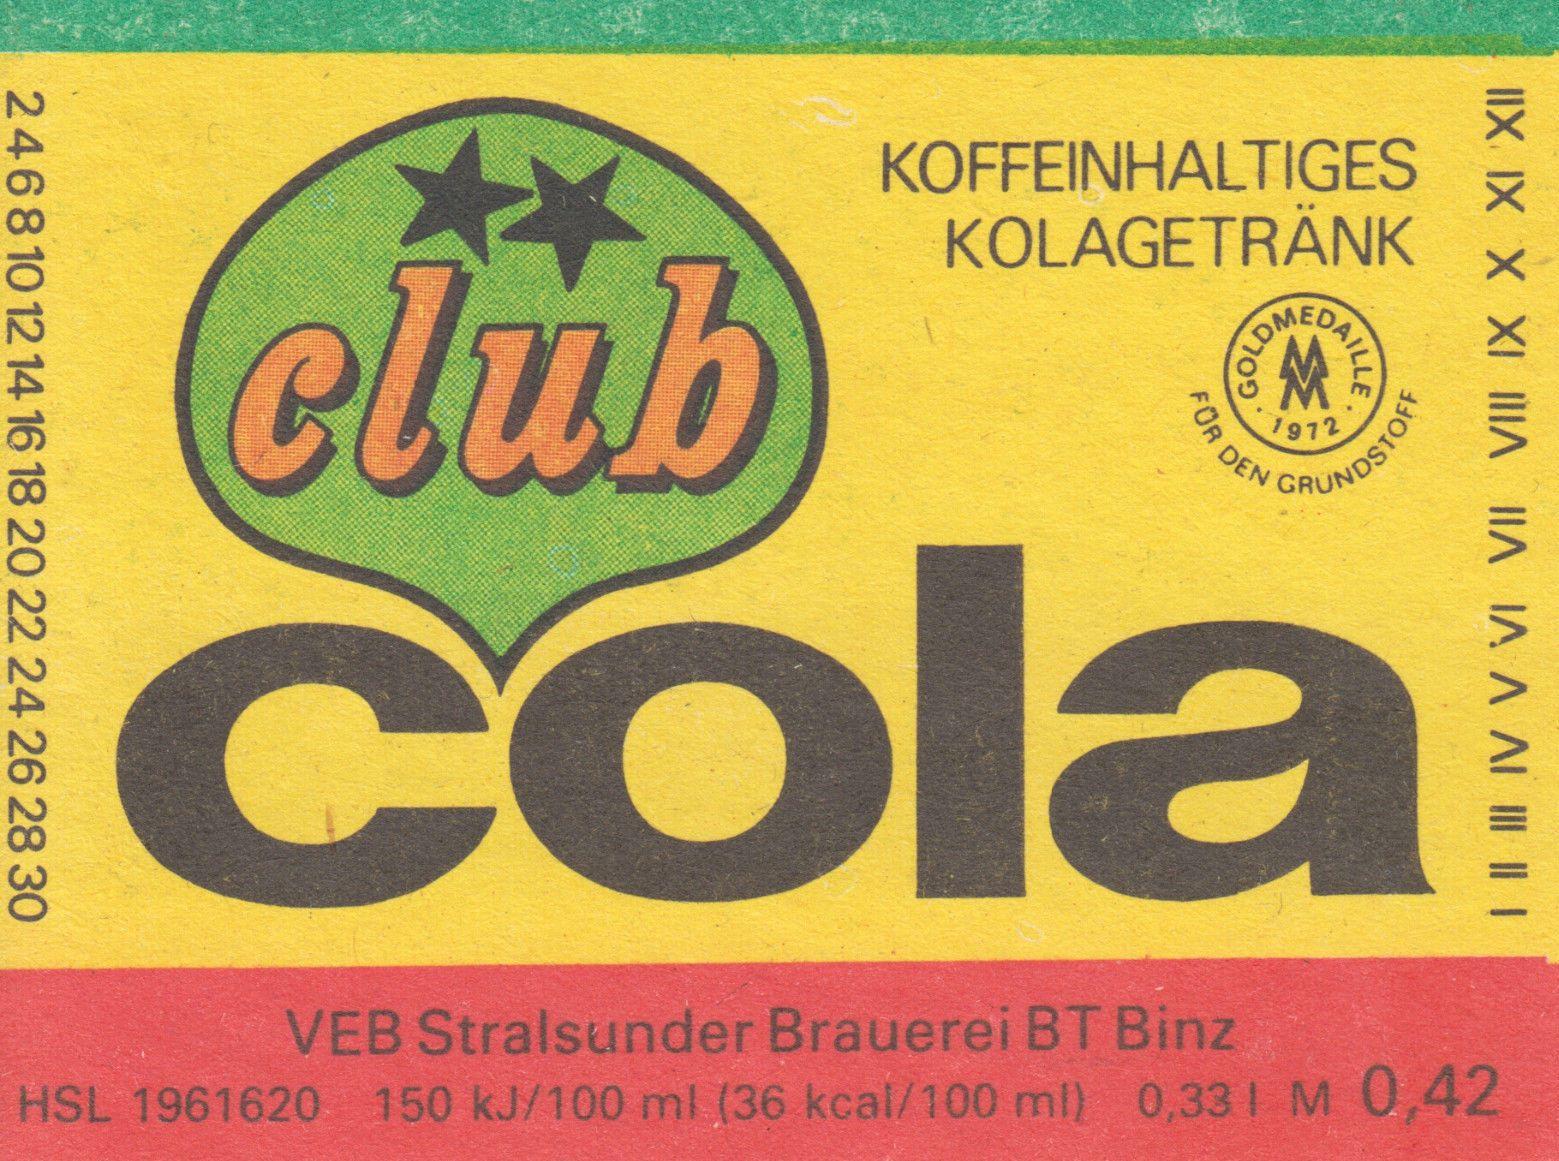 Club Cola, VEB Stralsunder Brauerei BT Binz (Bild: historisches Etikett)